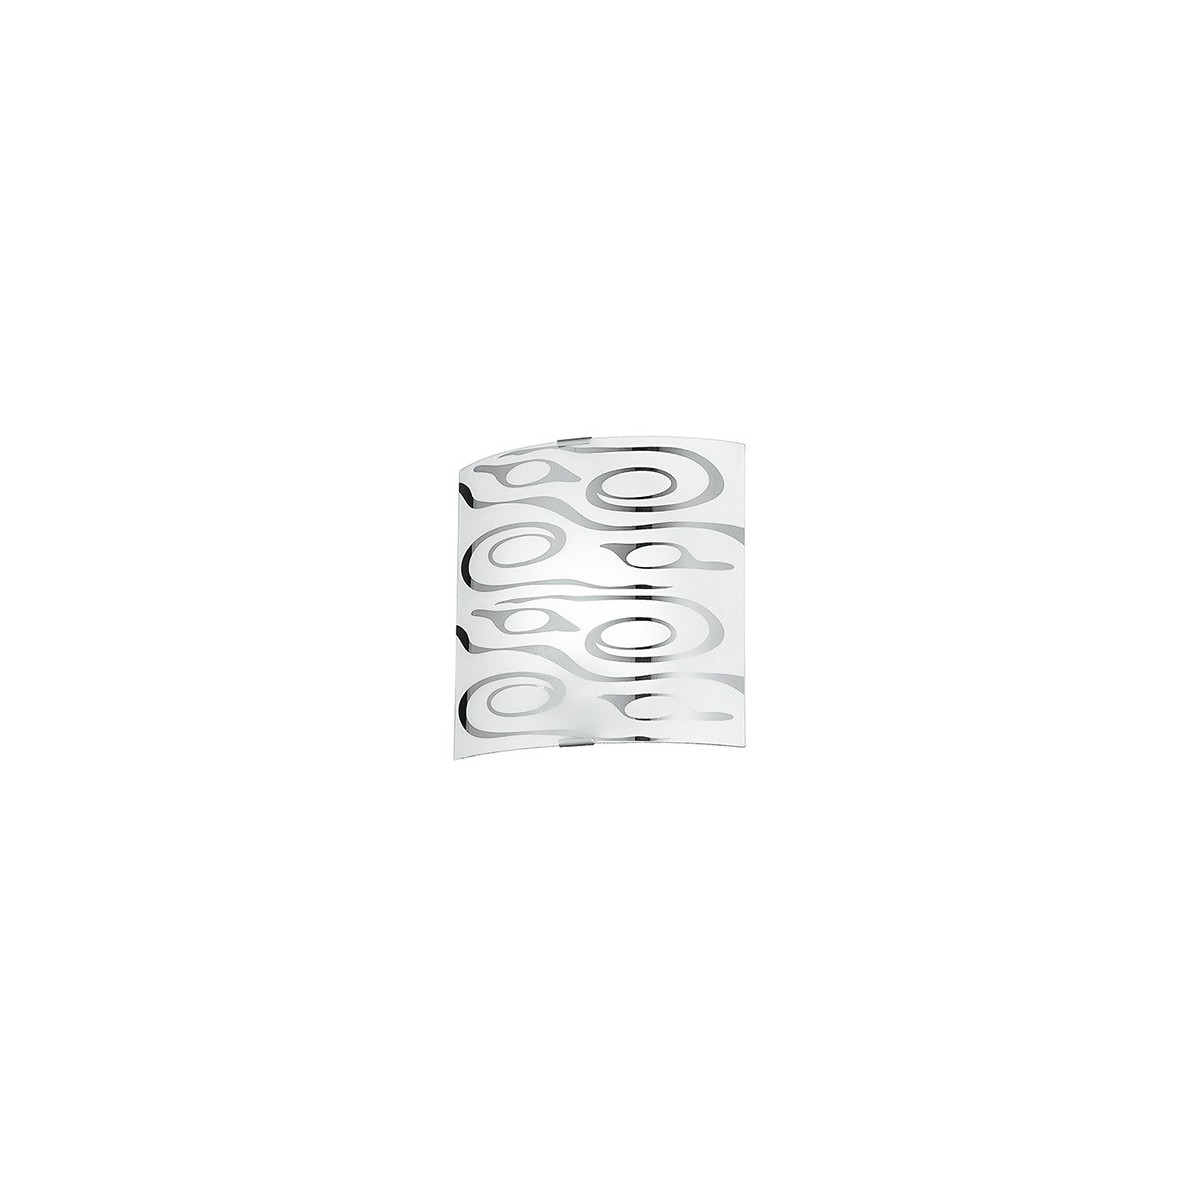 I-SOUND/AP - Applique Quadrata Moderna Vetro Bianco decoro Astratto Cromato Interno Moderno E27